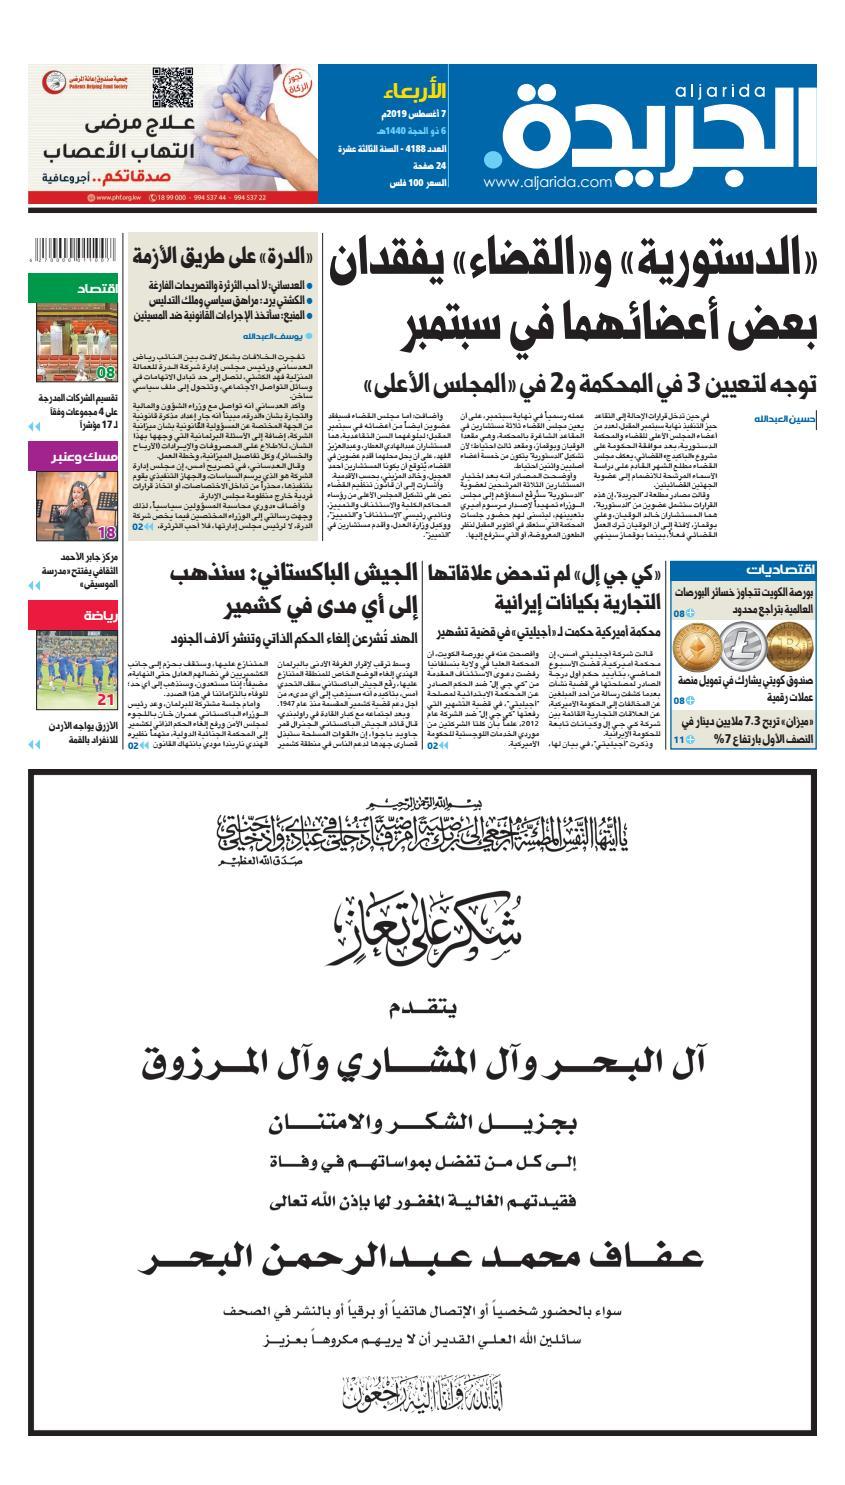 عدد الجريدة الأربعاء 07 أغسطس 2019 By Aljarida Newspaper Issuu